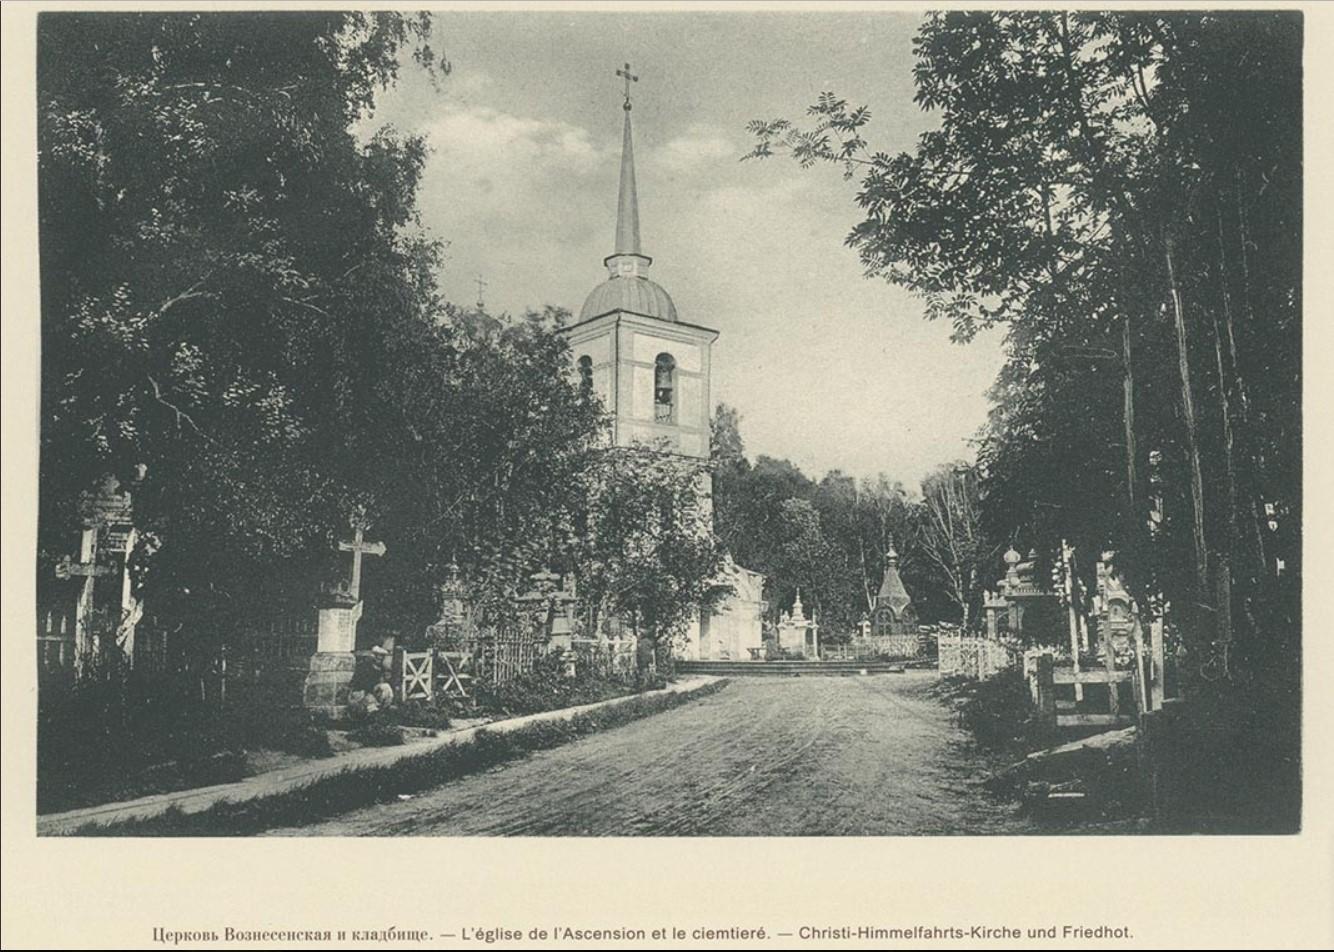 101. Церковь Вознесенская и кладбище